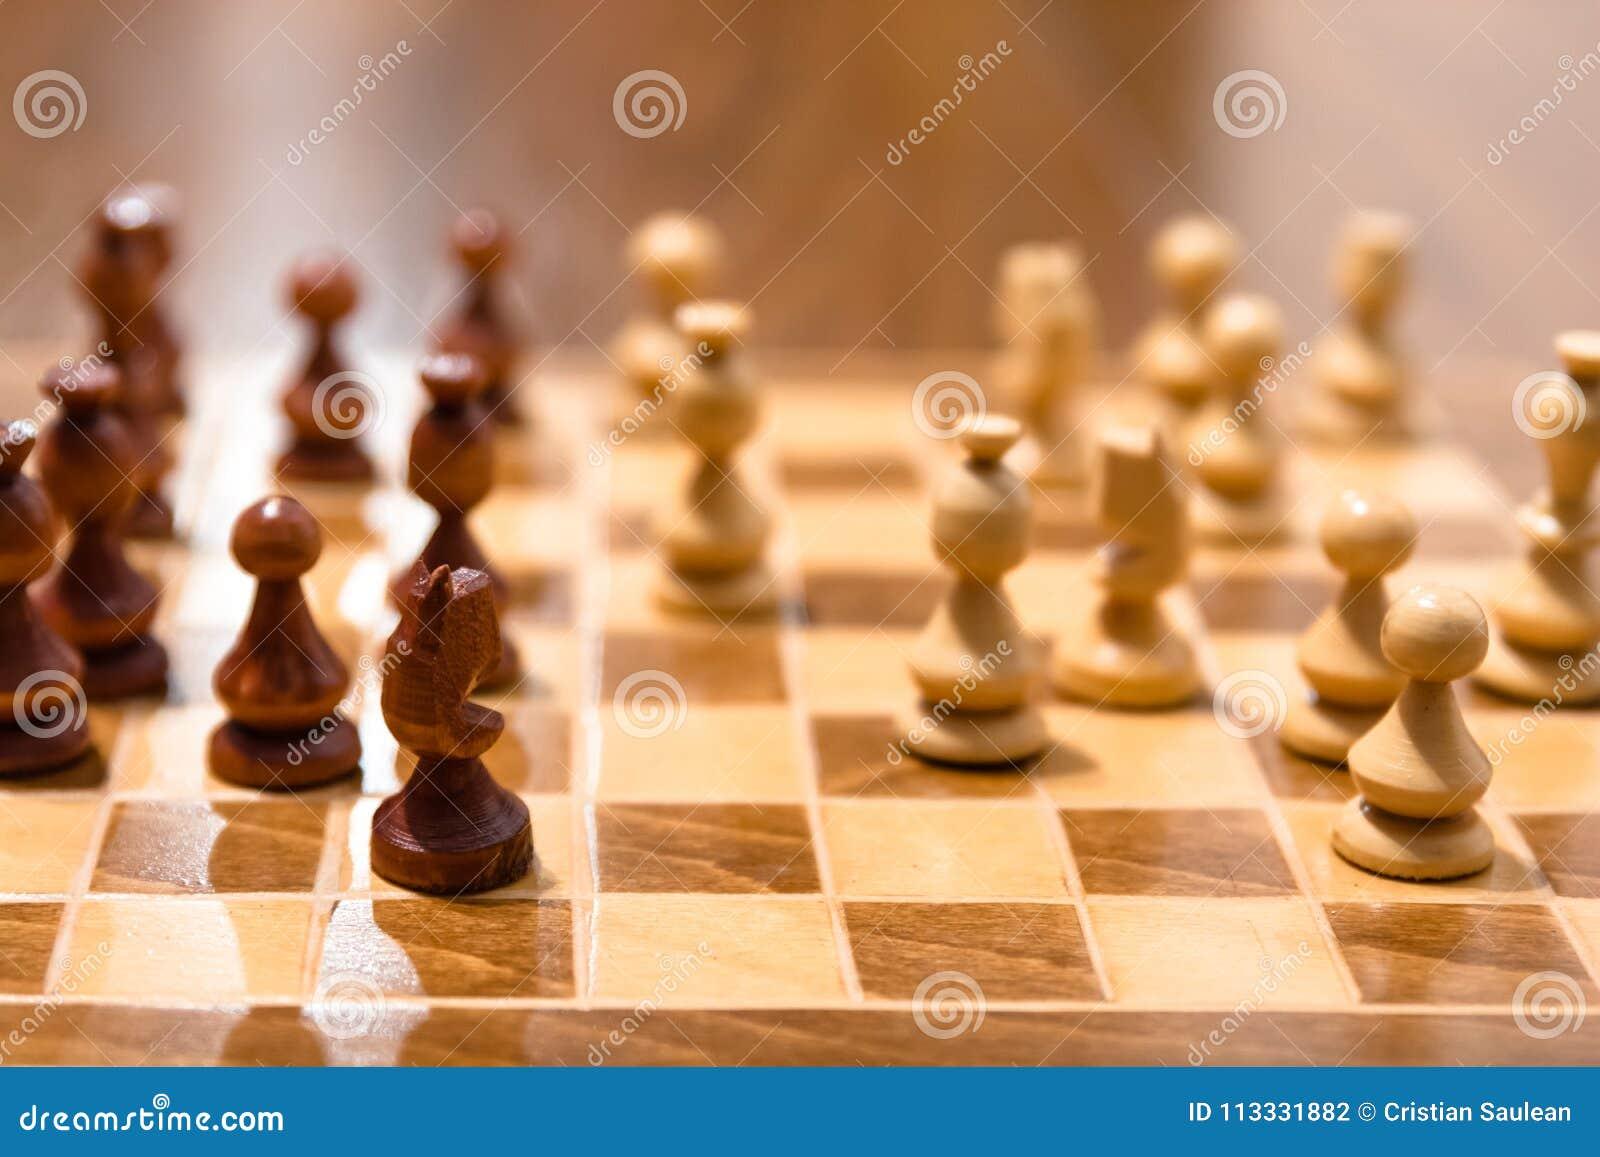 Panneau de jeu d échecs